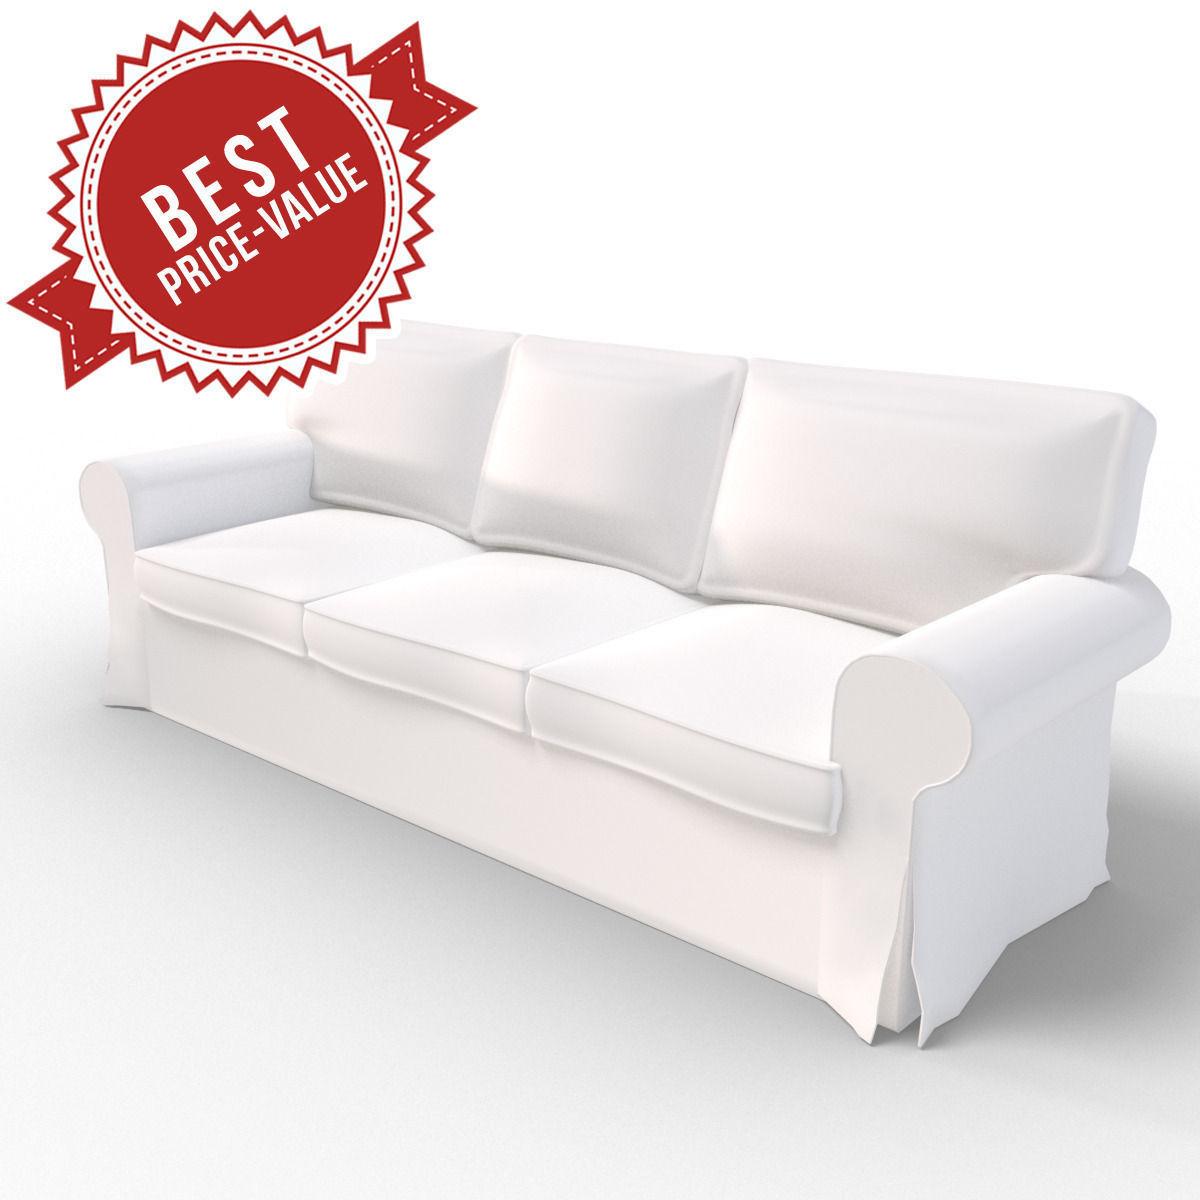 Sofa Chair 3 sides